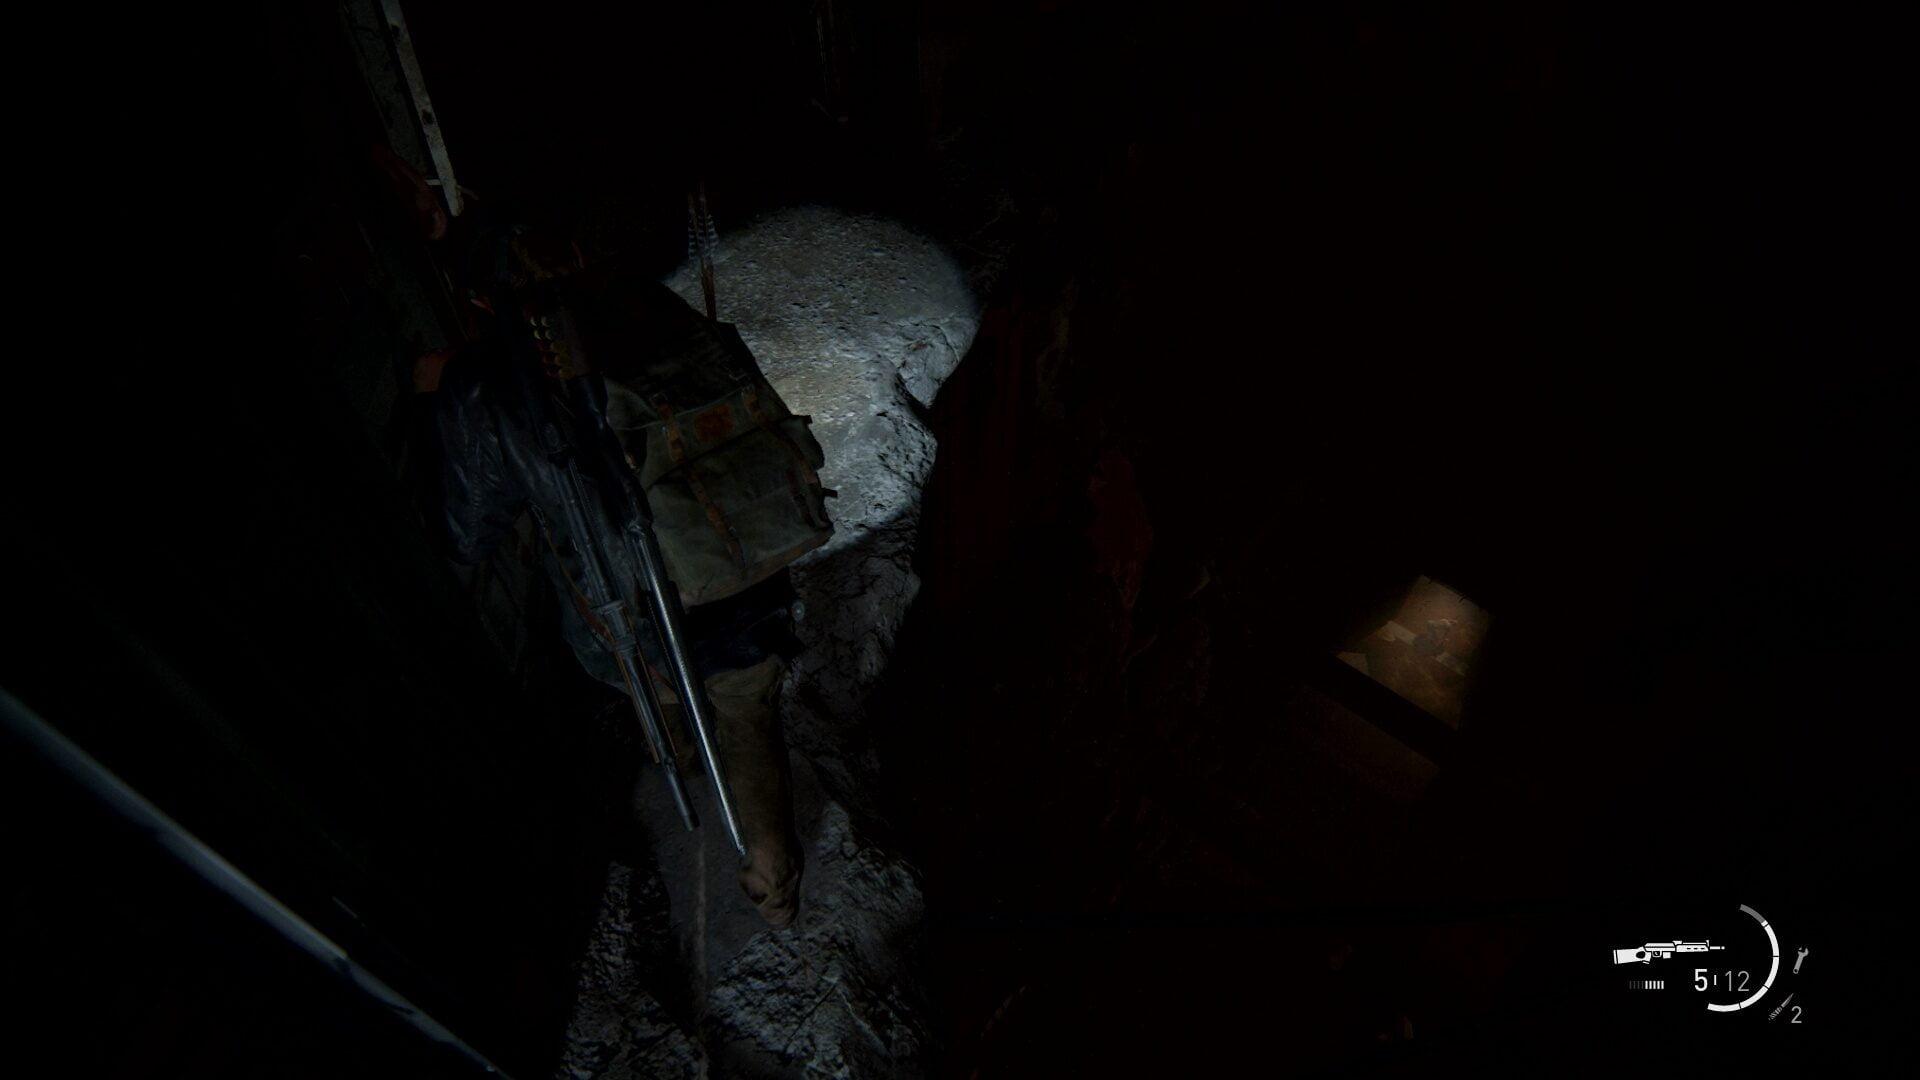 Abby klettert in The Last of Us 2 einen Vorsprung entlang und sieht darunter einen Infizierten.